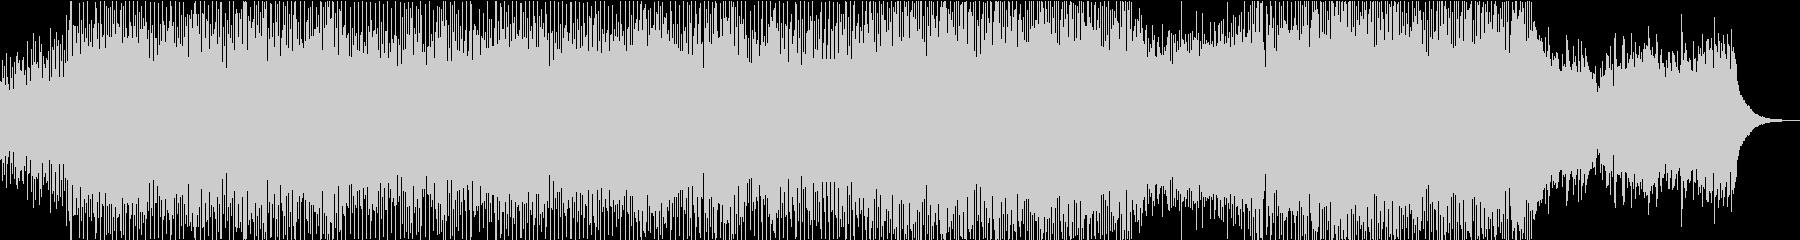 ピアノが爽やかなポップス 映像・VP等にの未再生の波形